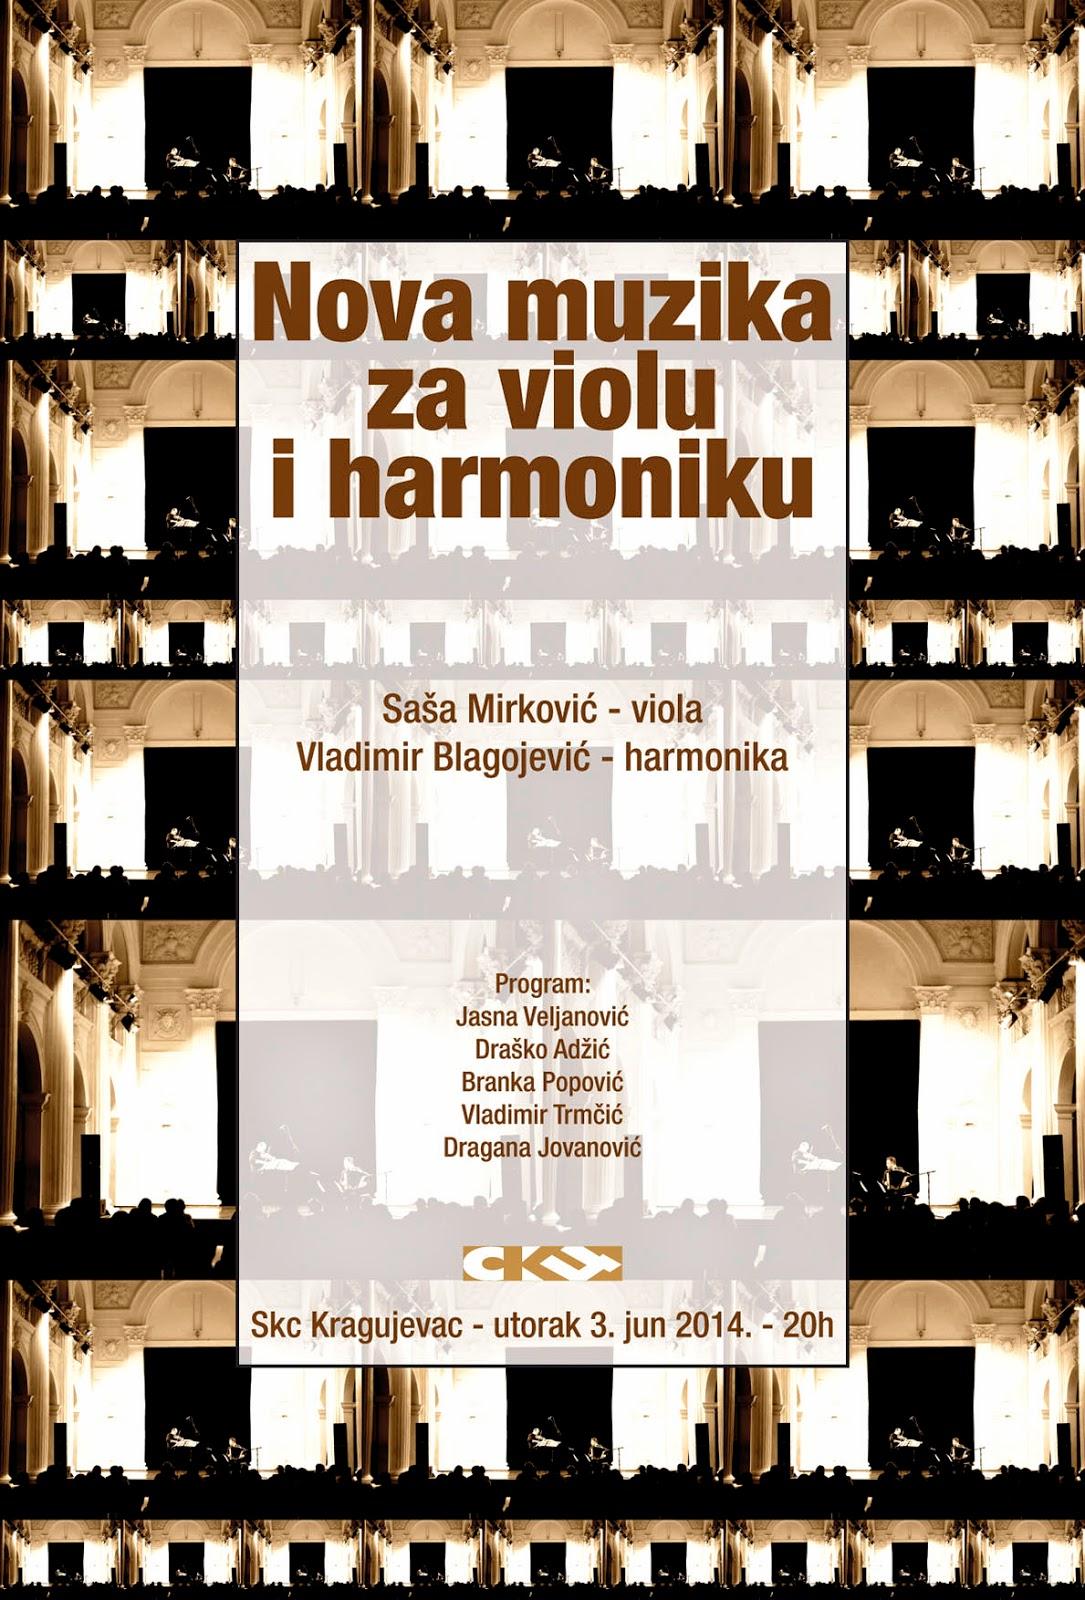 Nova muzika za violu i harmoniku